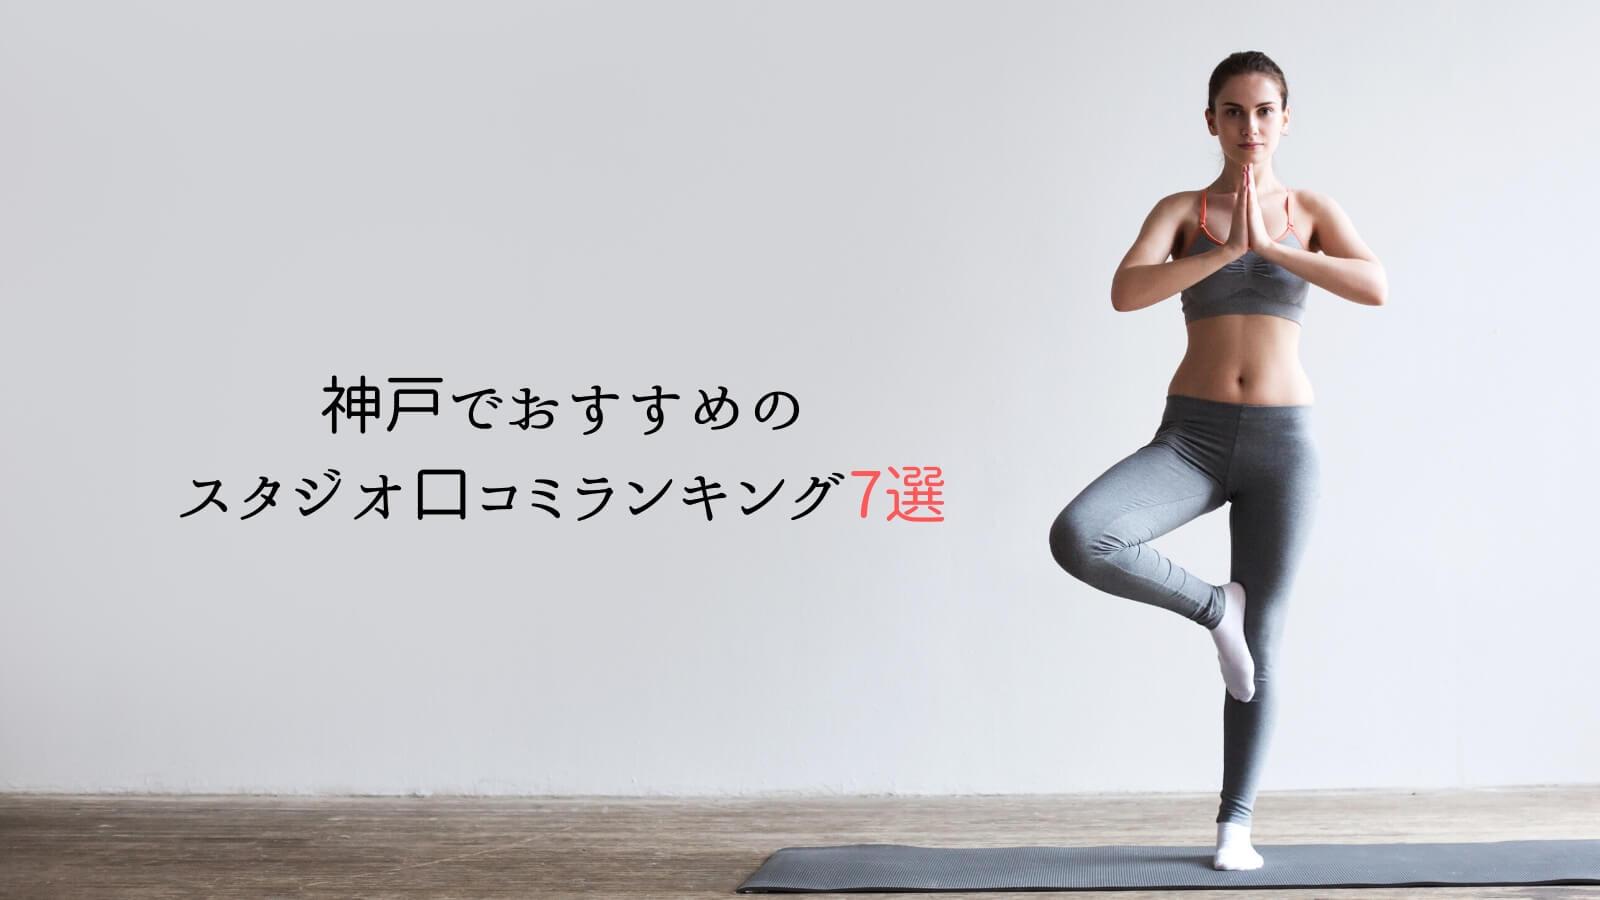 神戸でおすすめのピラティススタジオ口コミランキング7選